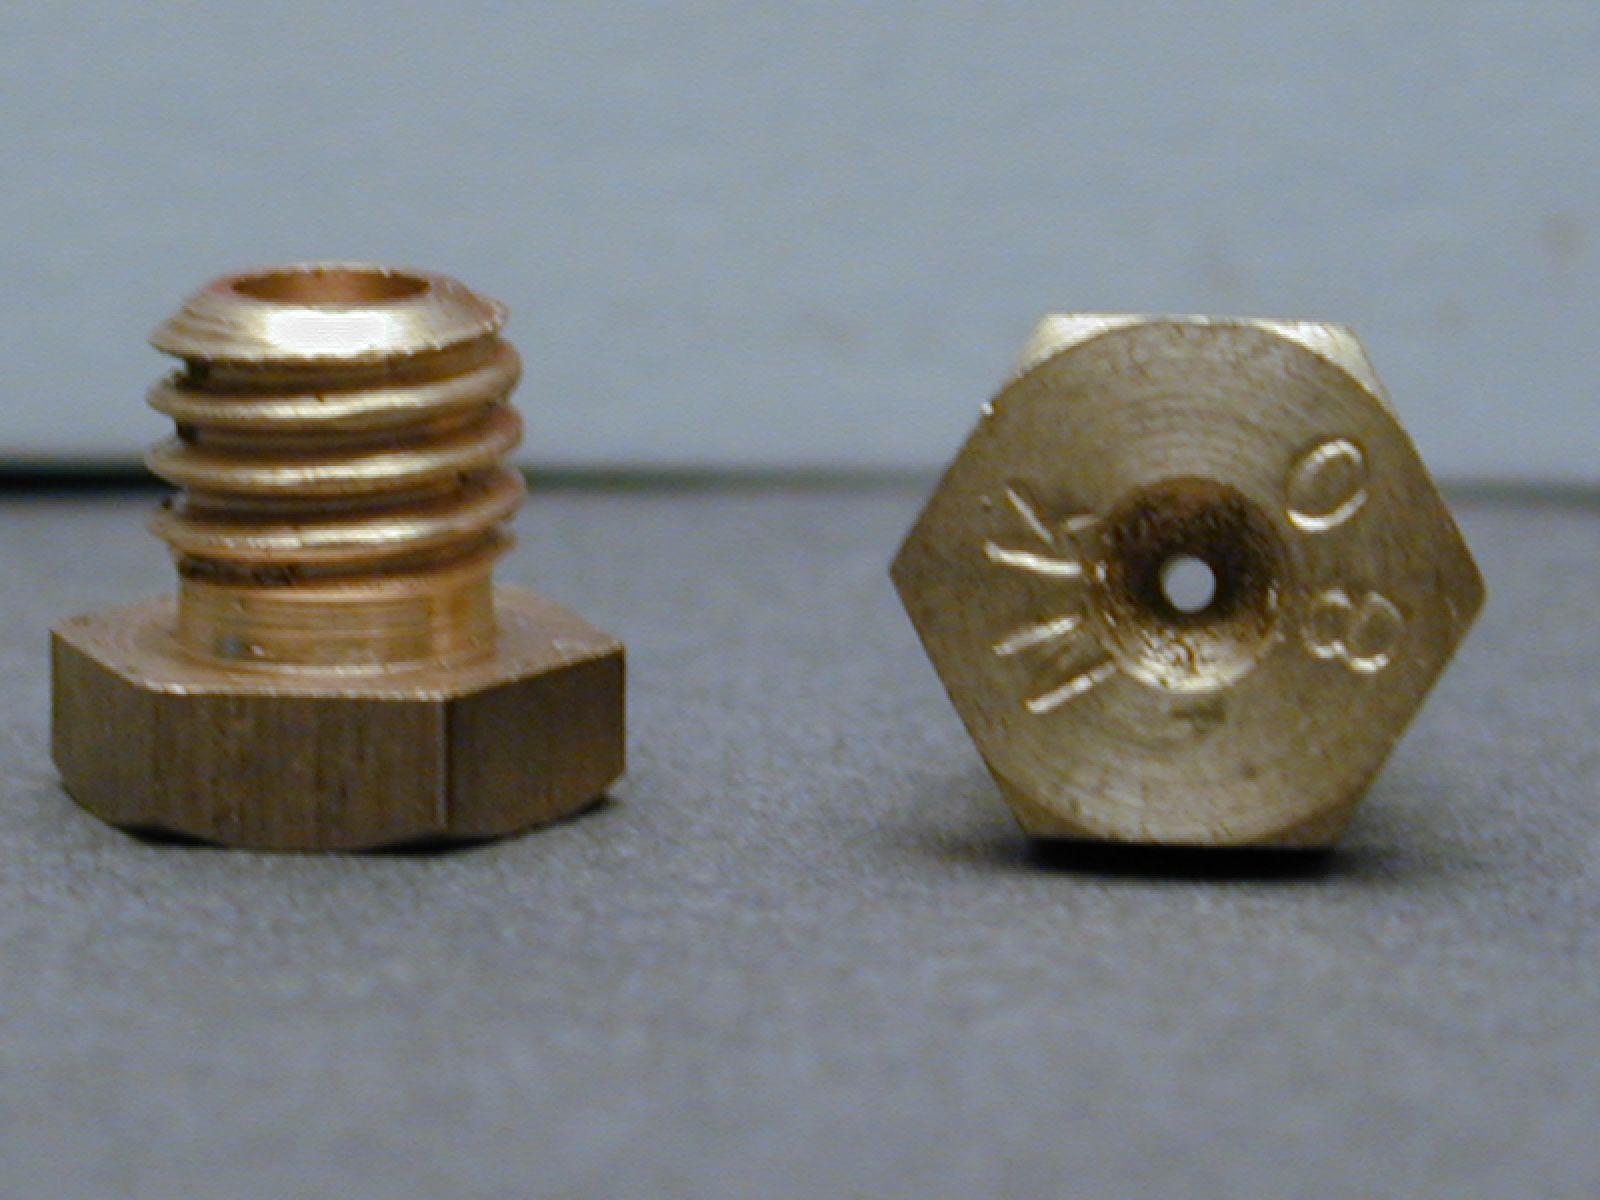 Μπέκ εξάγωνο καρμπυρατέρ BING Νο 115 για,JLO L100 L152 L197,MINSEL M100 M150 M165, CAMPEON H165,CM 150,ROTAX 150 200,250.